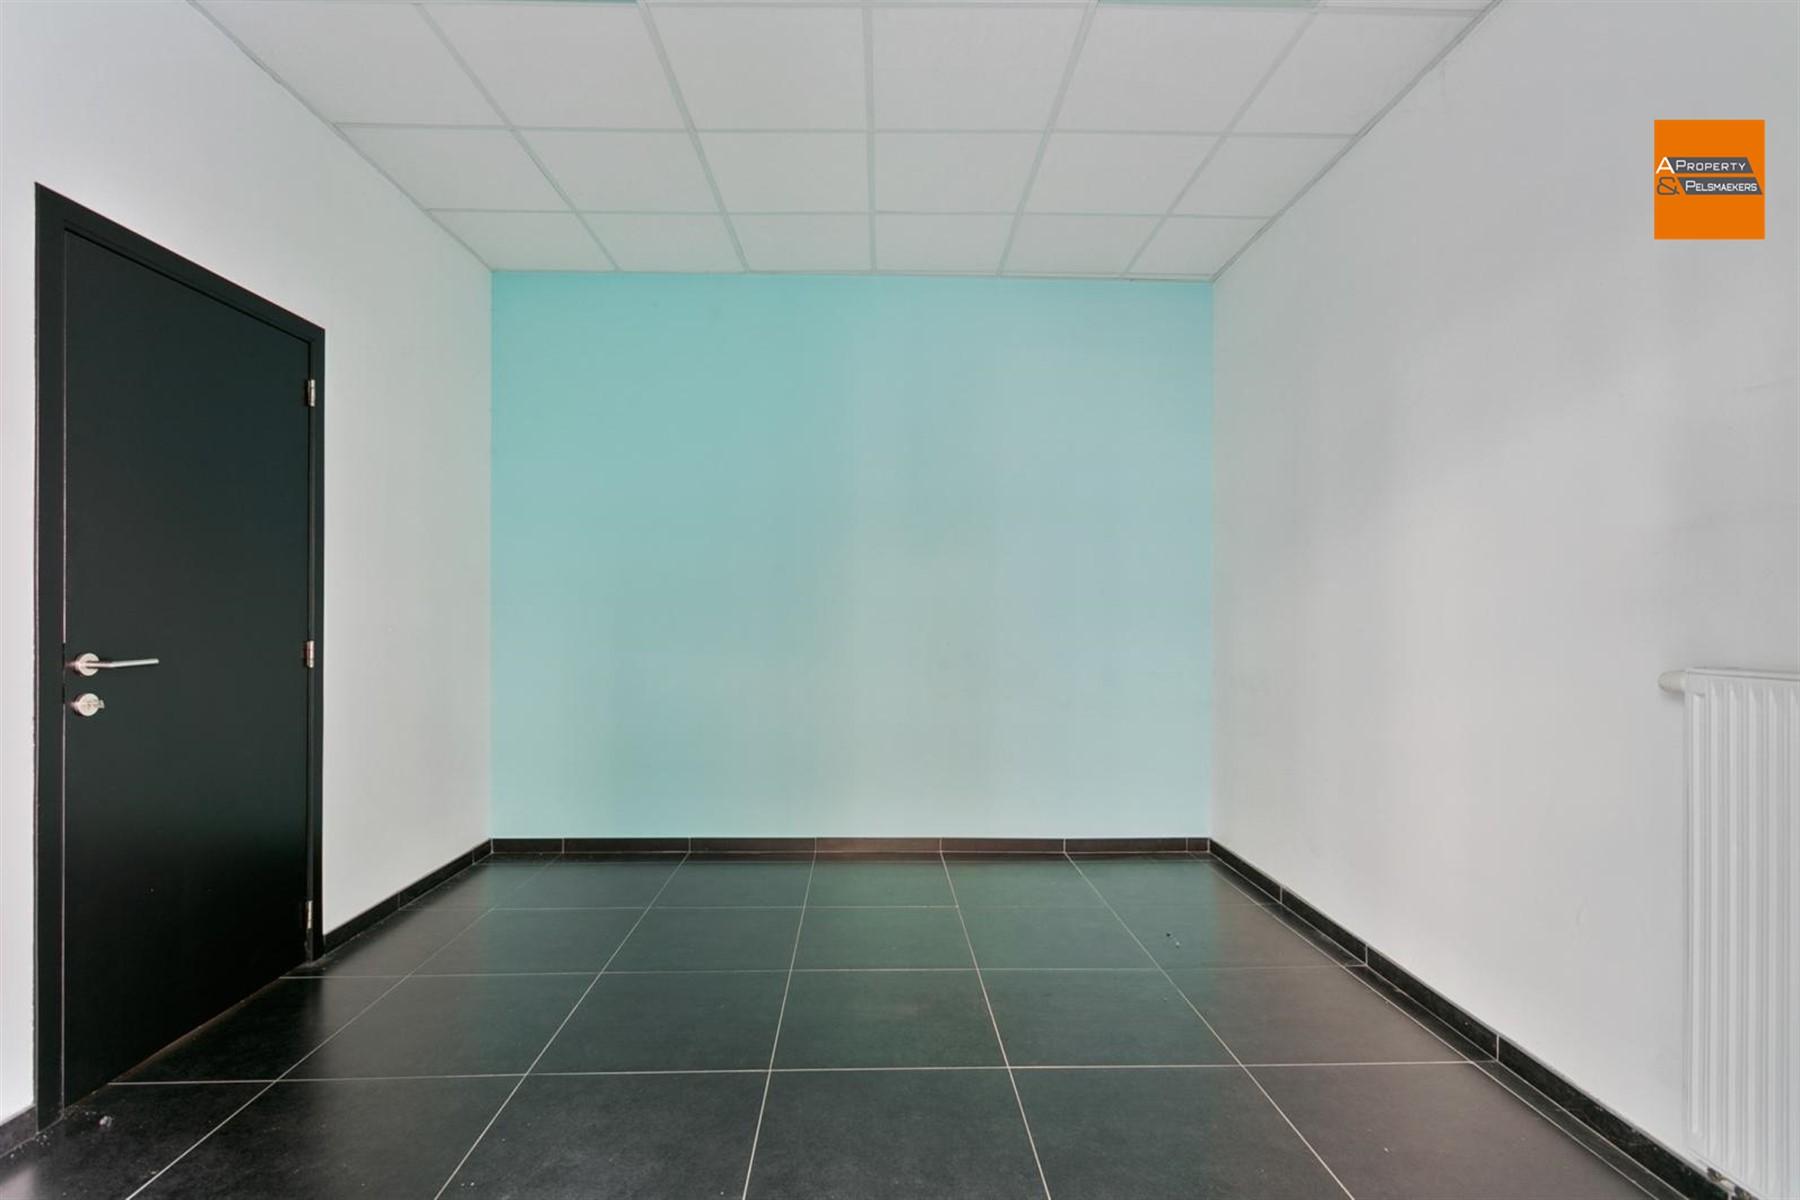 Foto 4 : Burelen in 3290 DIEST (België) - Prijs € 895